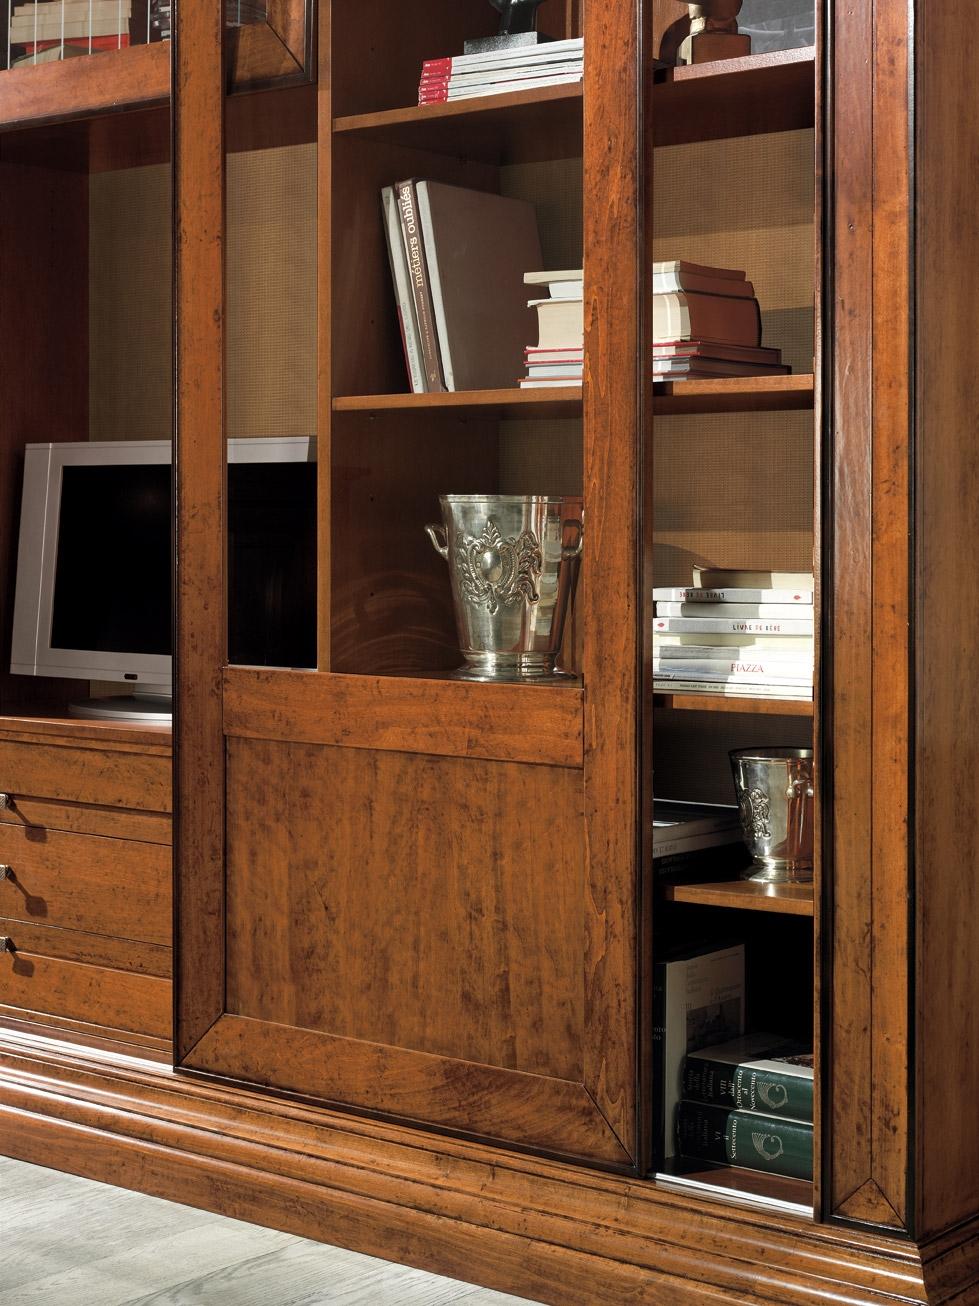 Soggiorno libreria ante scorrevoli intarsiate scontato del 49 soggiorni a prezzi scontati - Soggiorni in legno ...